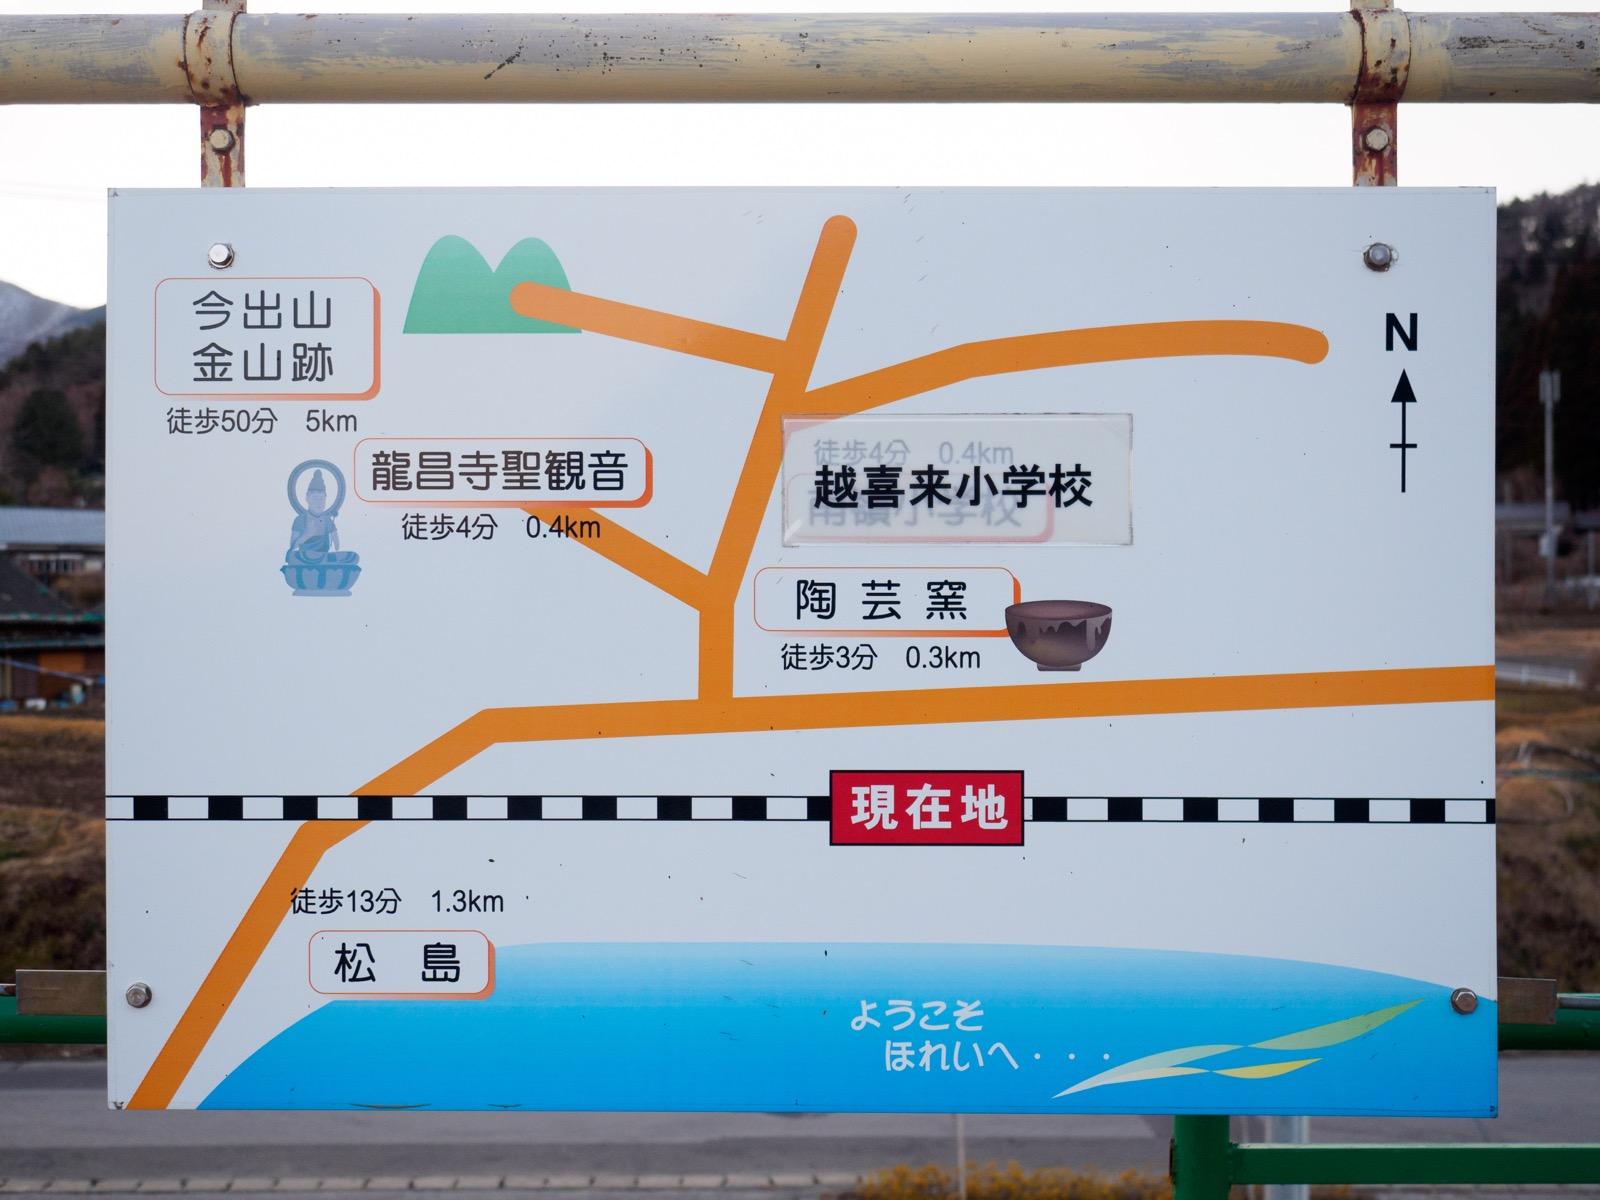 甫嶺駅のホームにある地図